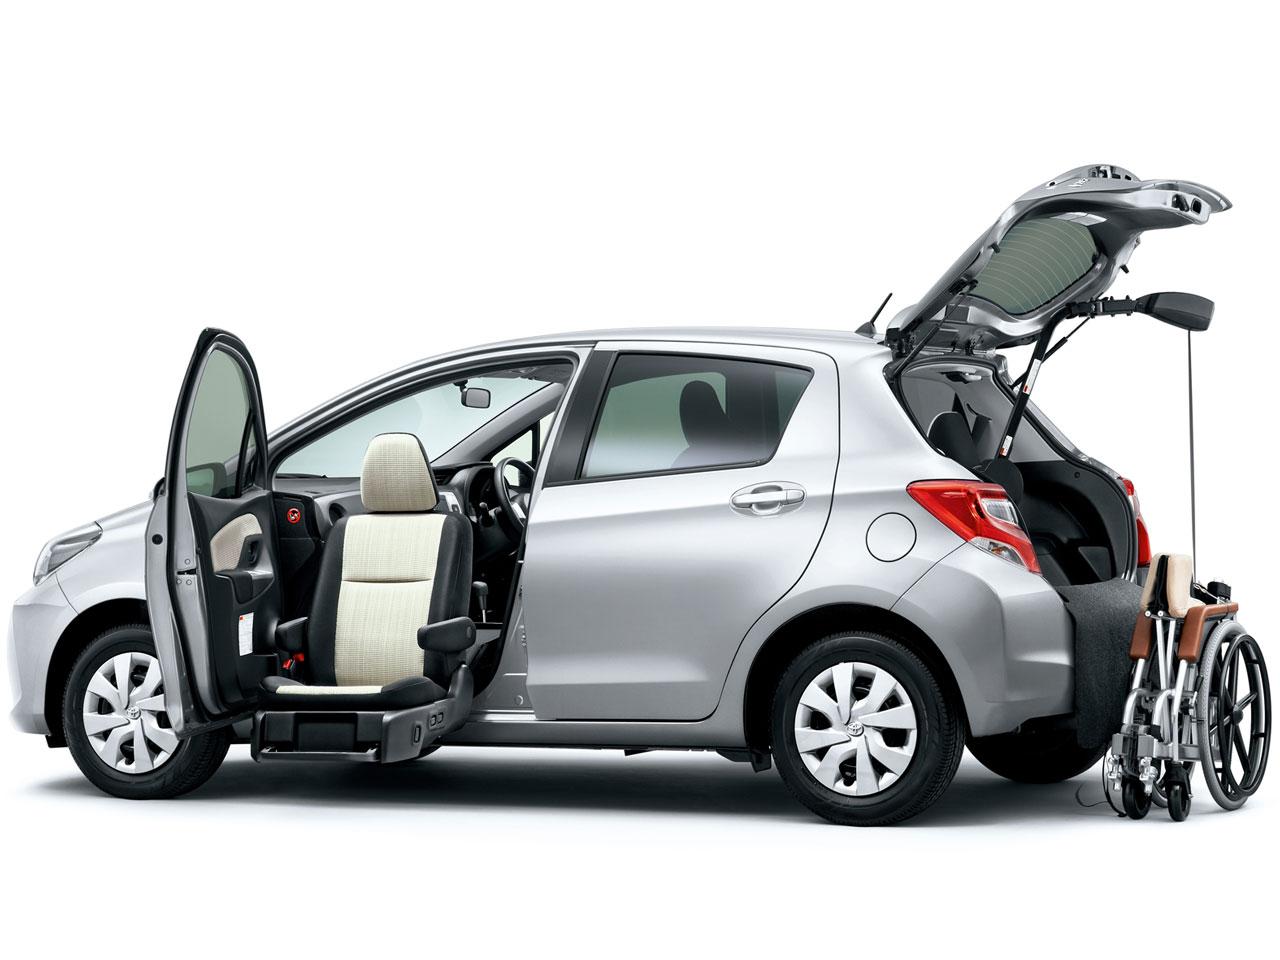 トヨタ ヴィッツ 福祉車両 2010年モデル 新車画像